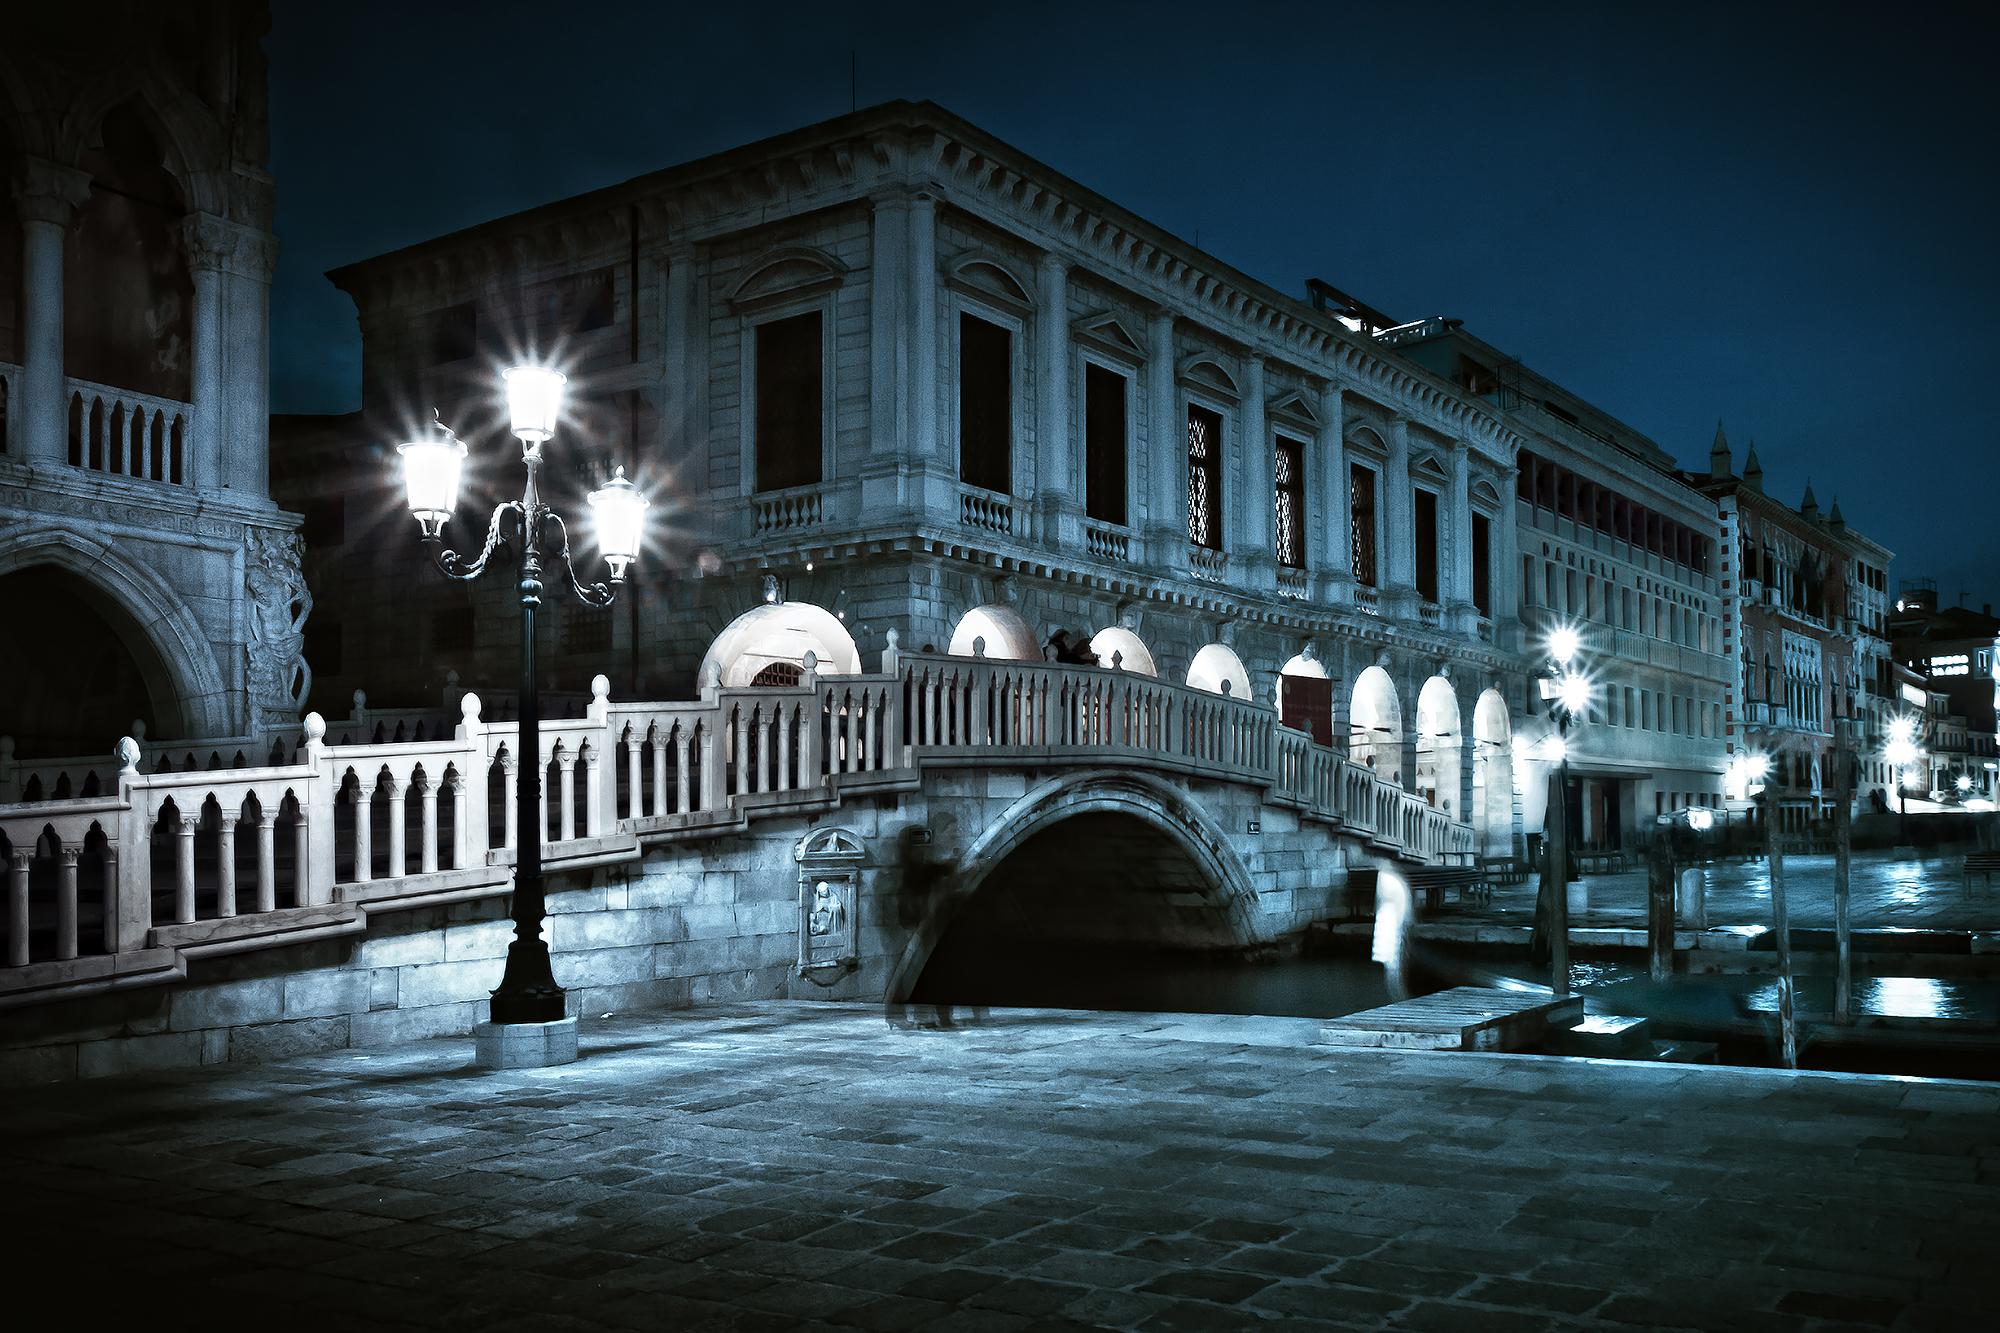 Venice, Riva degli Schiavoni at night, Italy